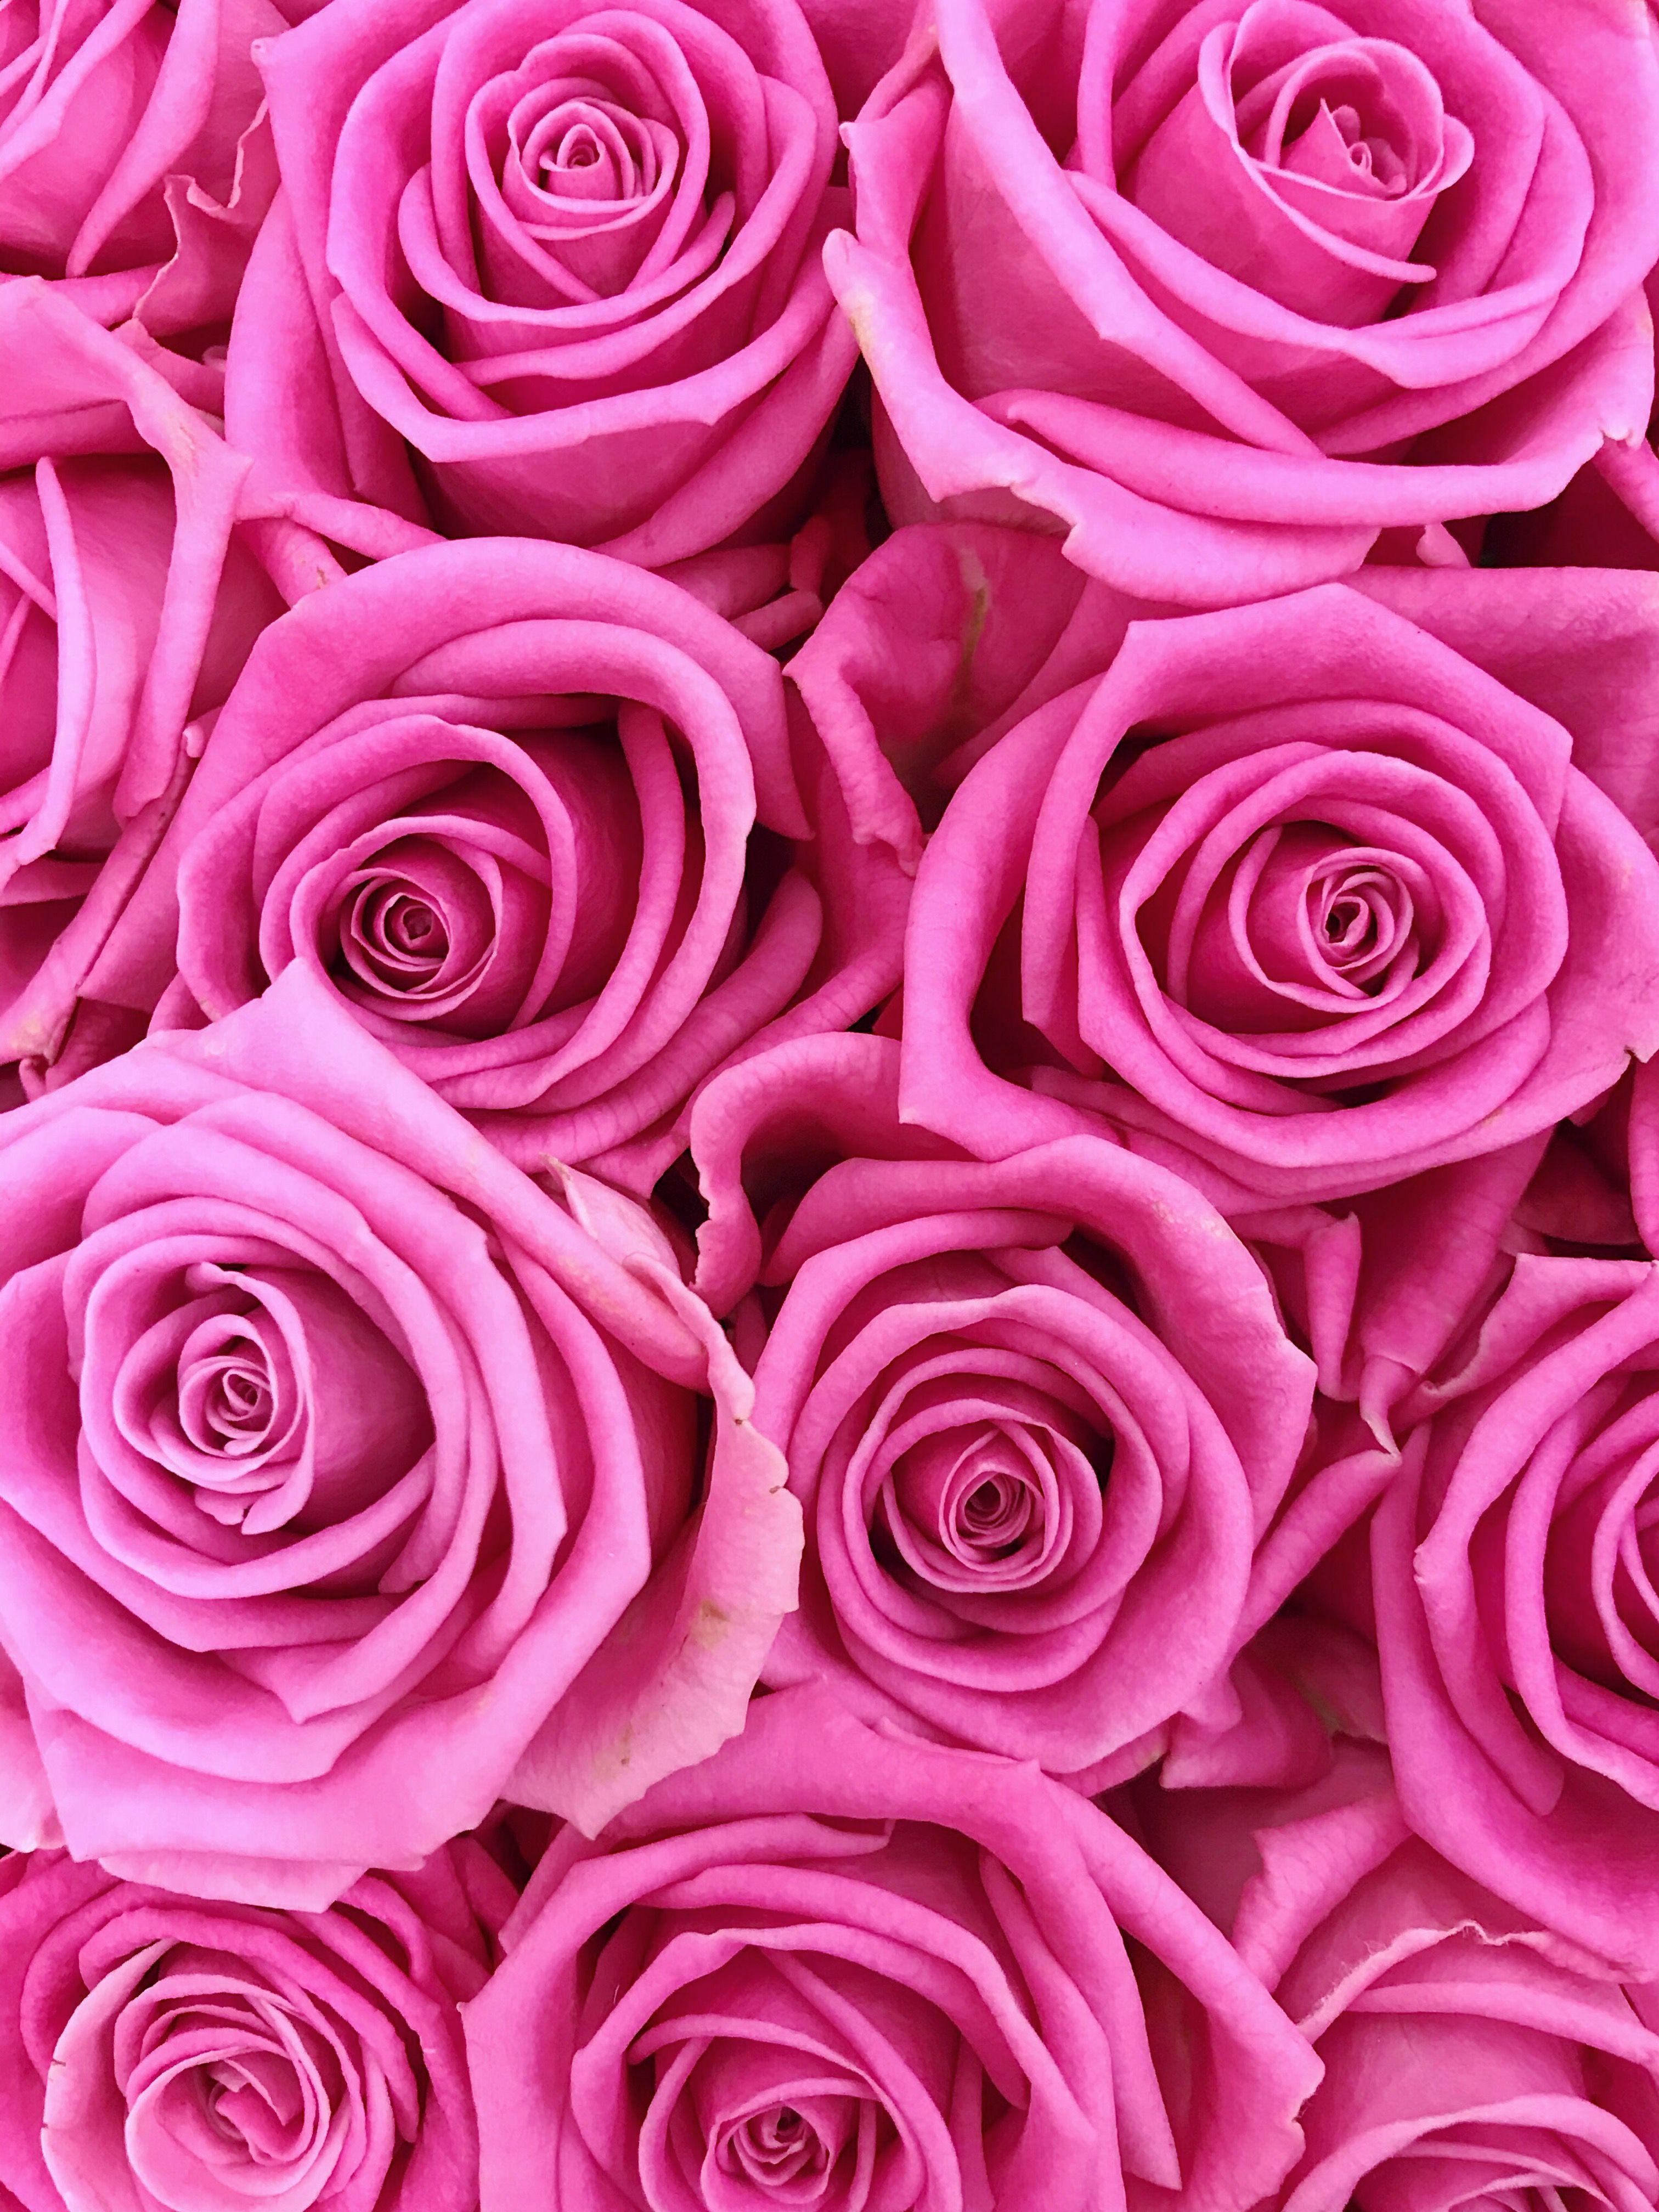 Roses screensaver demidolya t screensaver - Rose screensaver ...